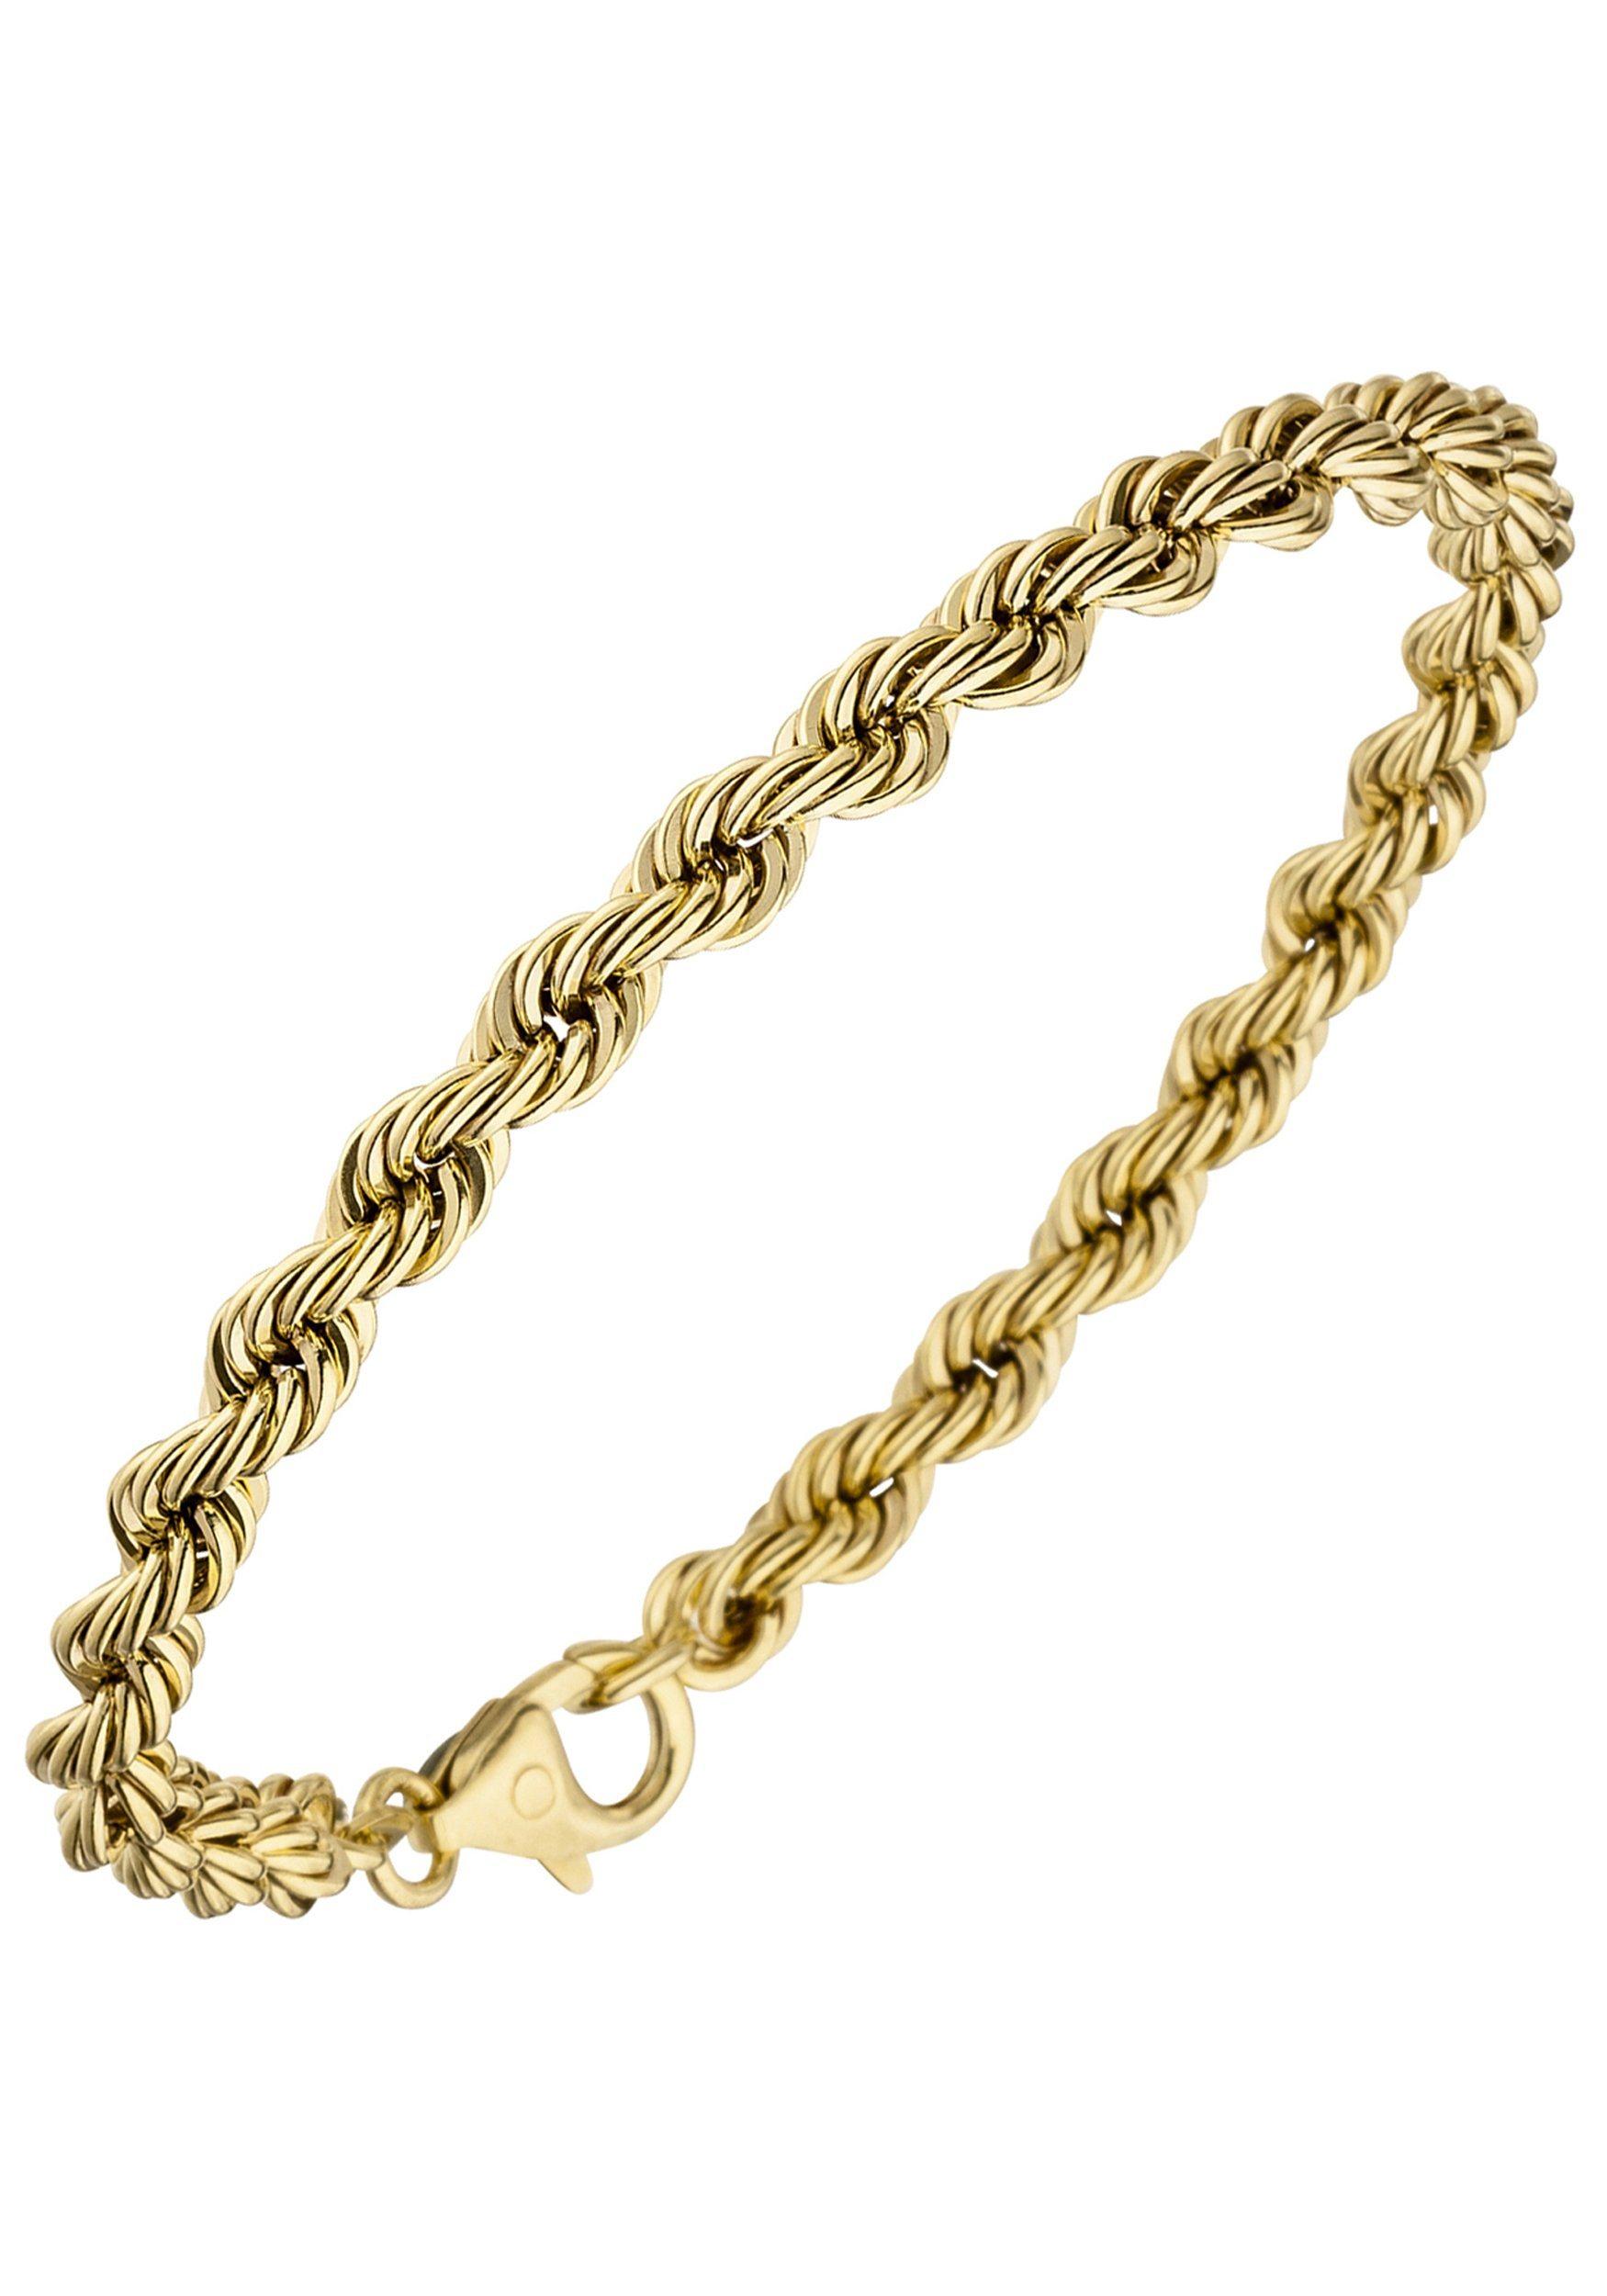 JOBO Goldarmband Kordelarmband 585 Gold 19 cm | Schmuck > Armbänder > Goldarmbänder | Gold | JOBO